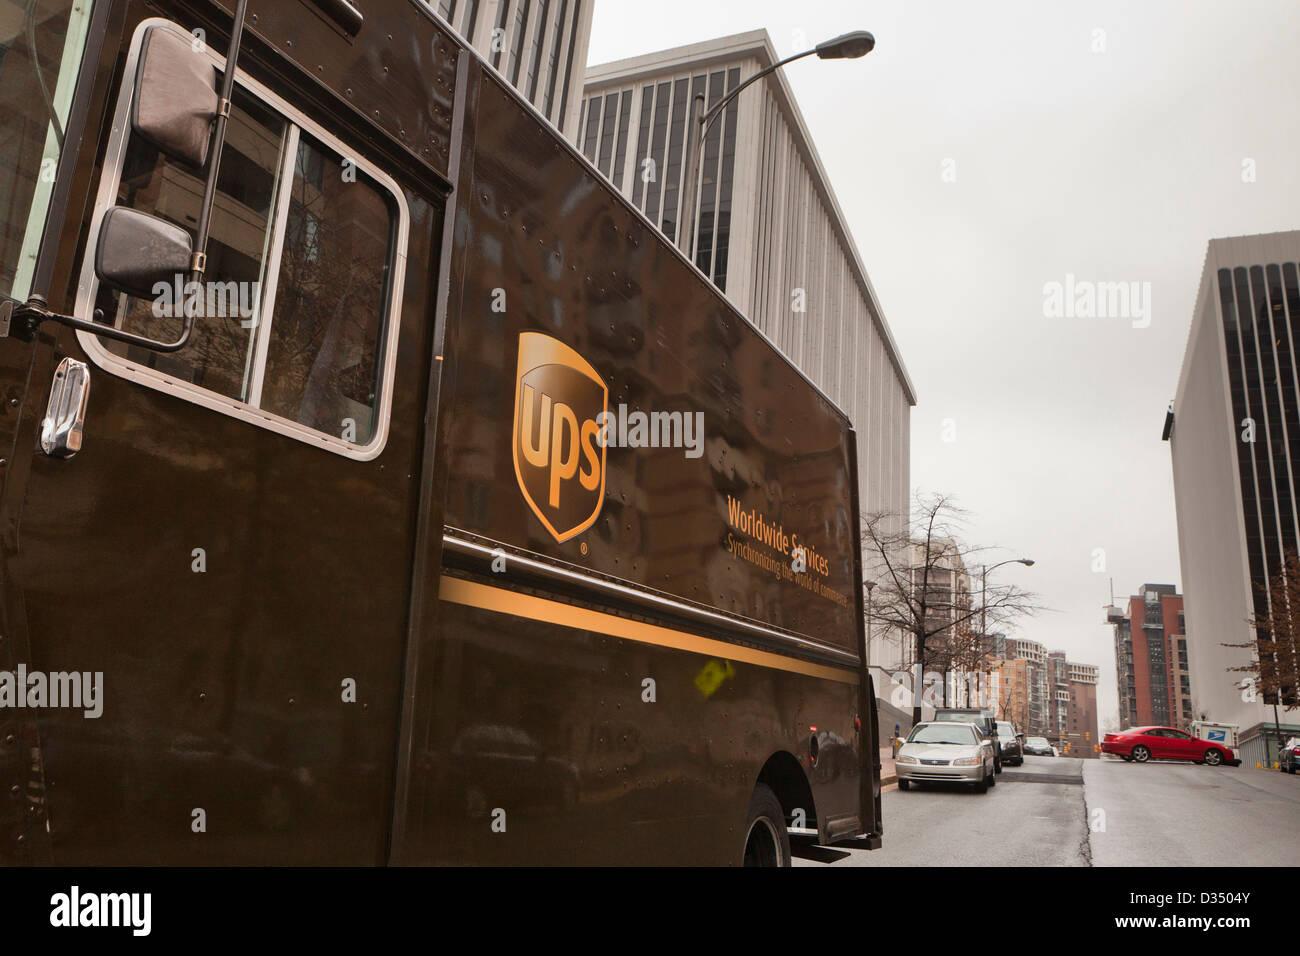 UPS-Lieferwagen Stockbild